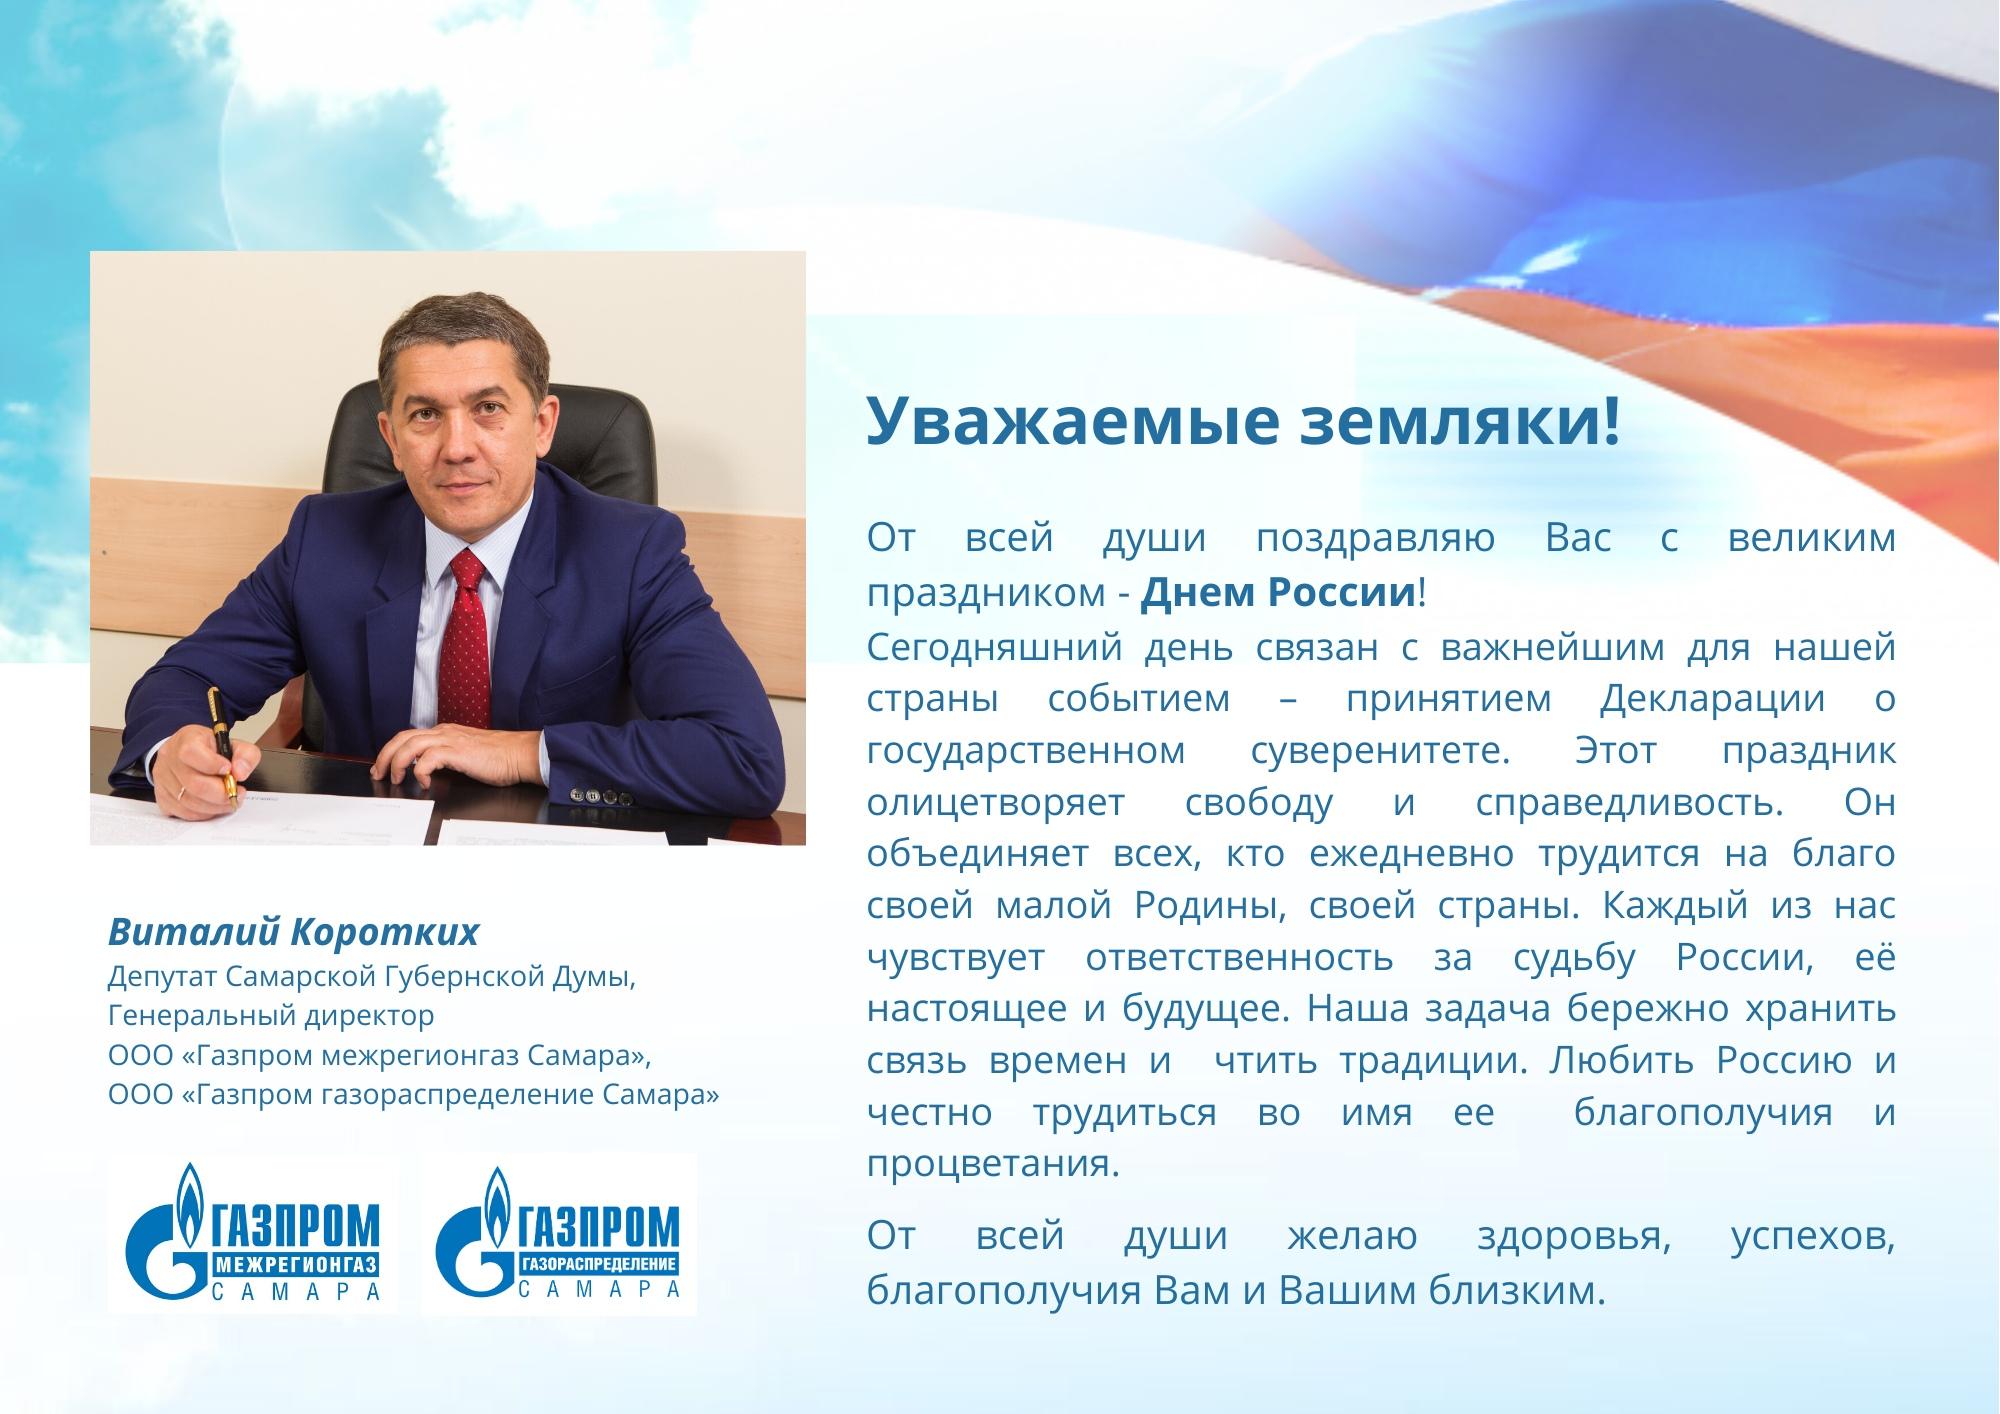 оценка поздравление генерального директора газпрома даже